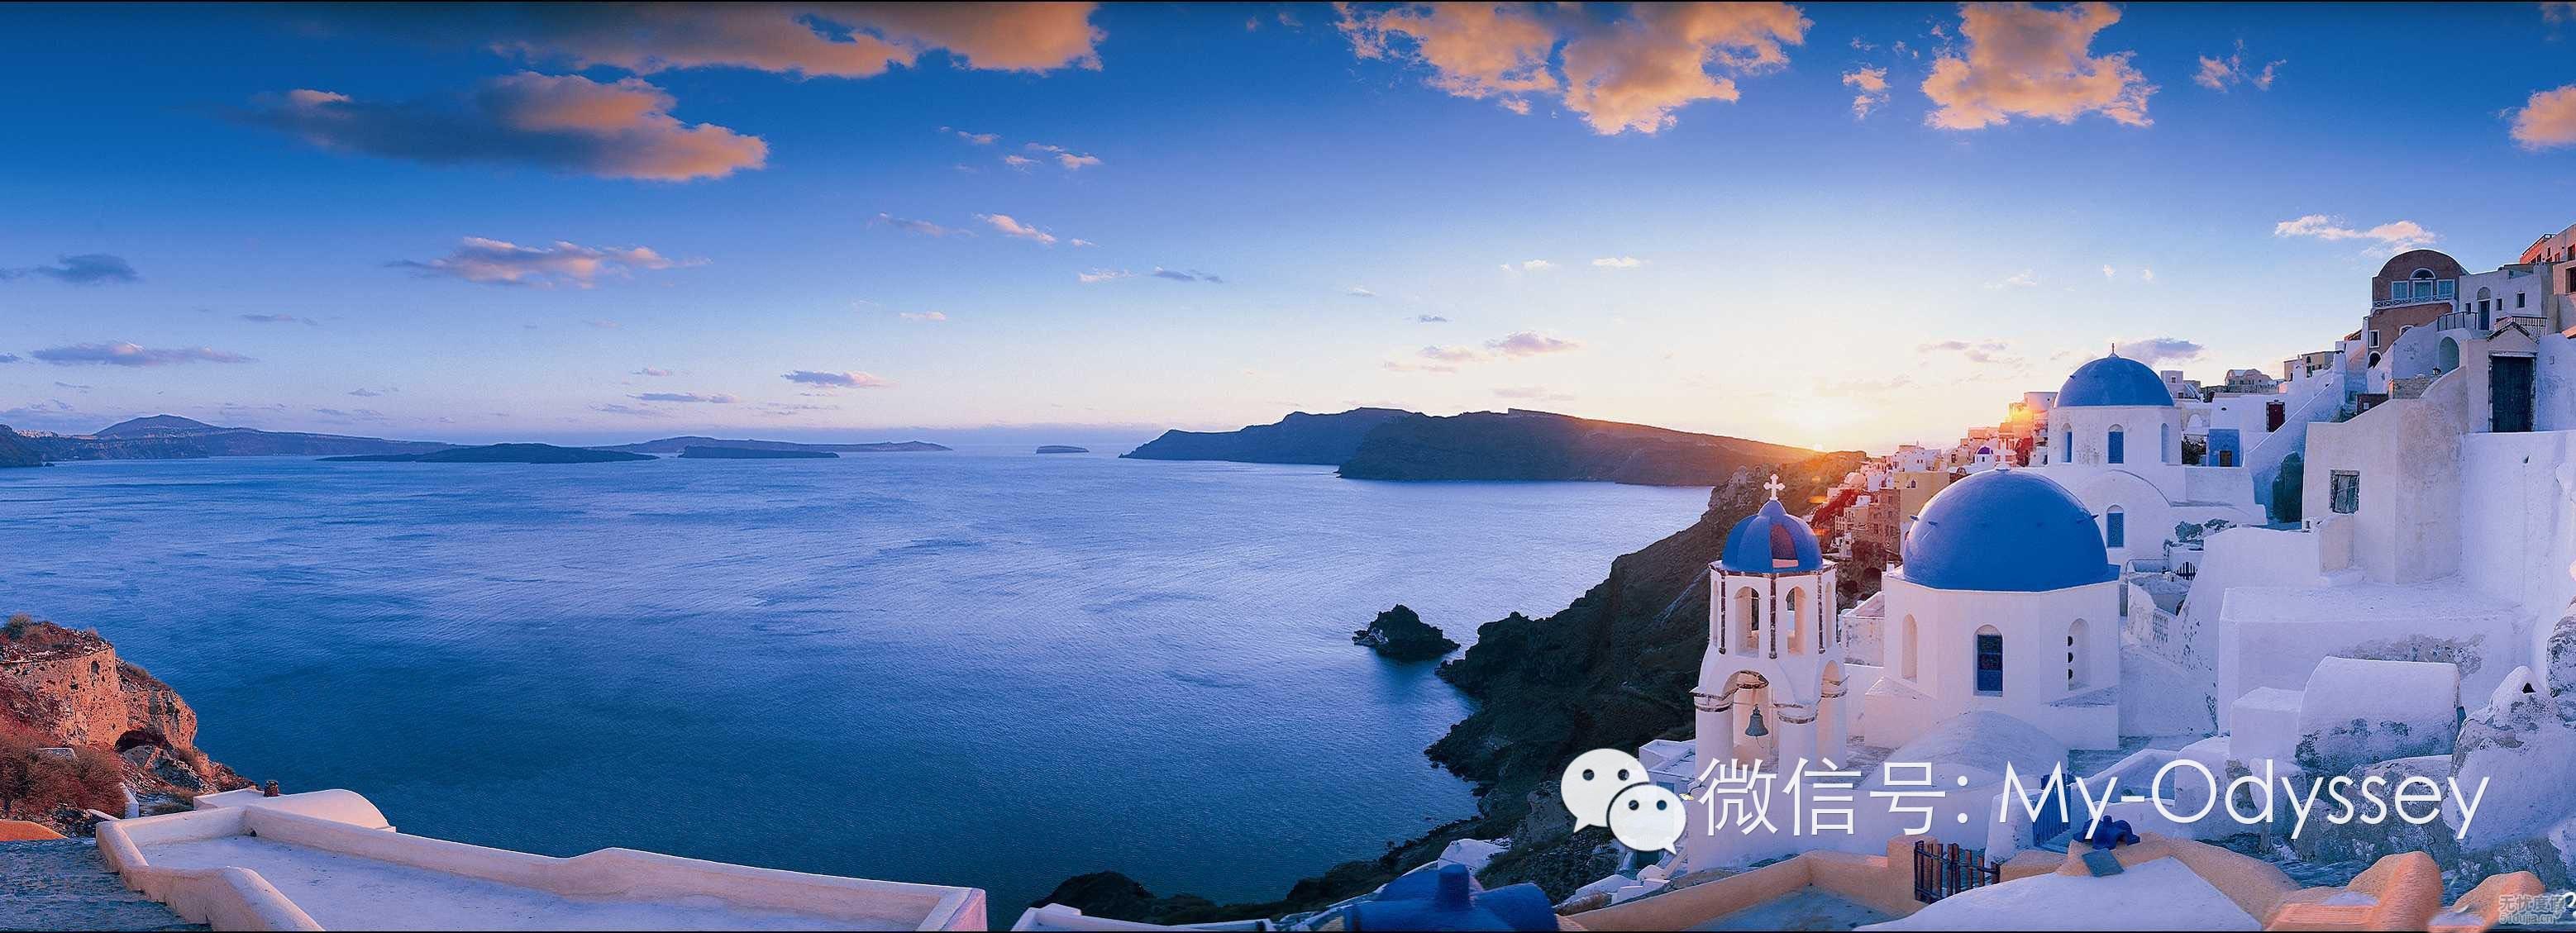 冬季希腊·新春之旅 感受圣托里尼冬日的静谧